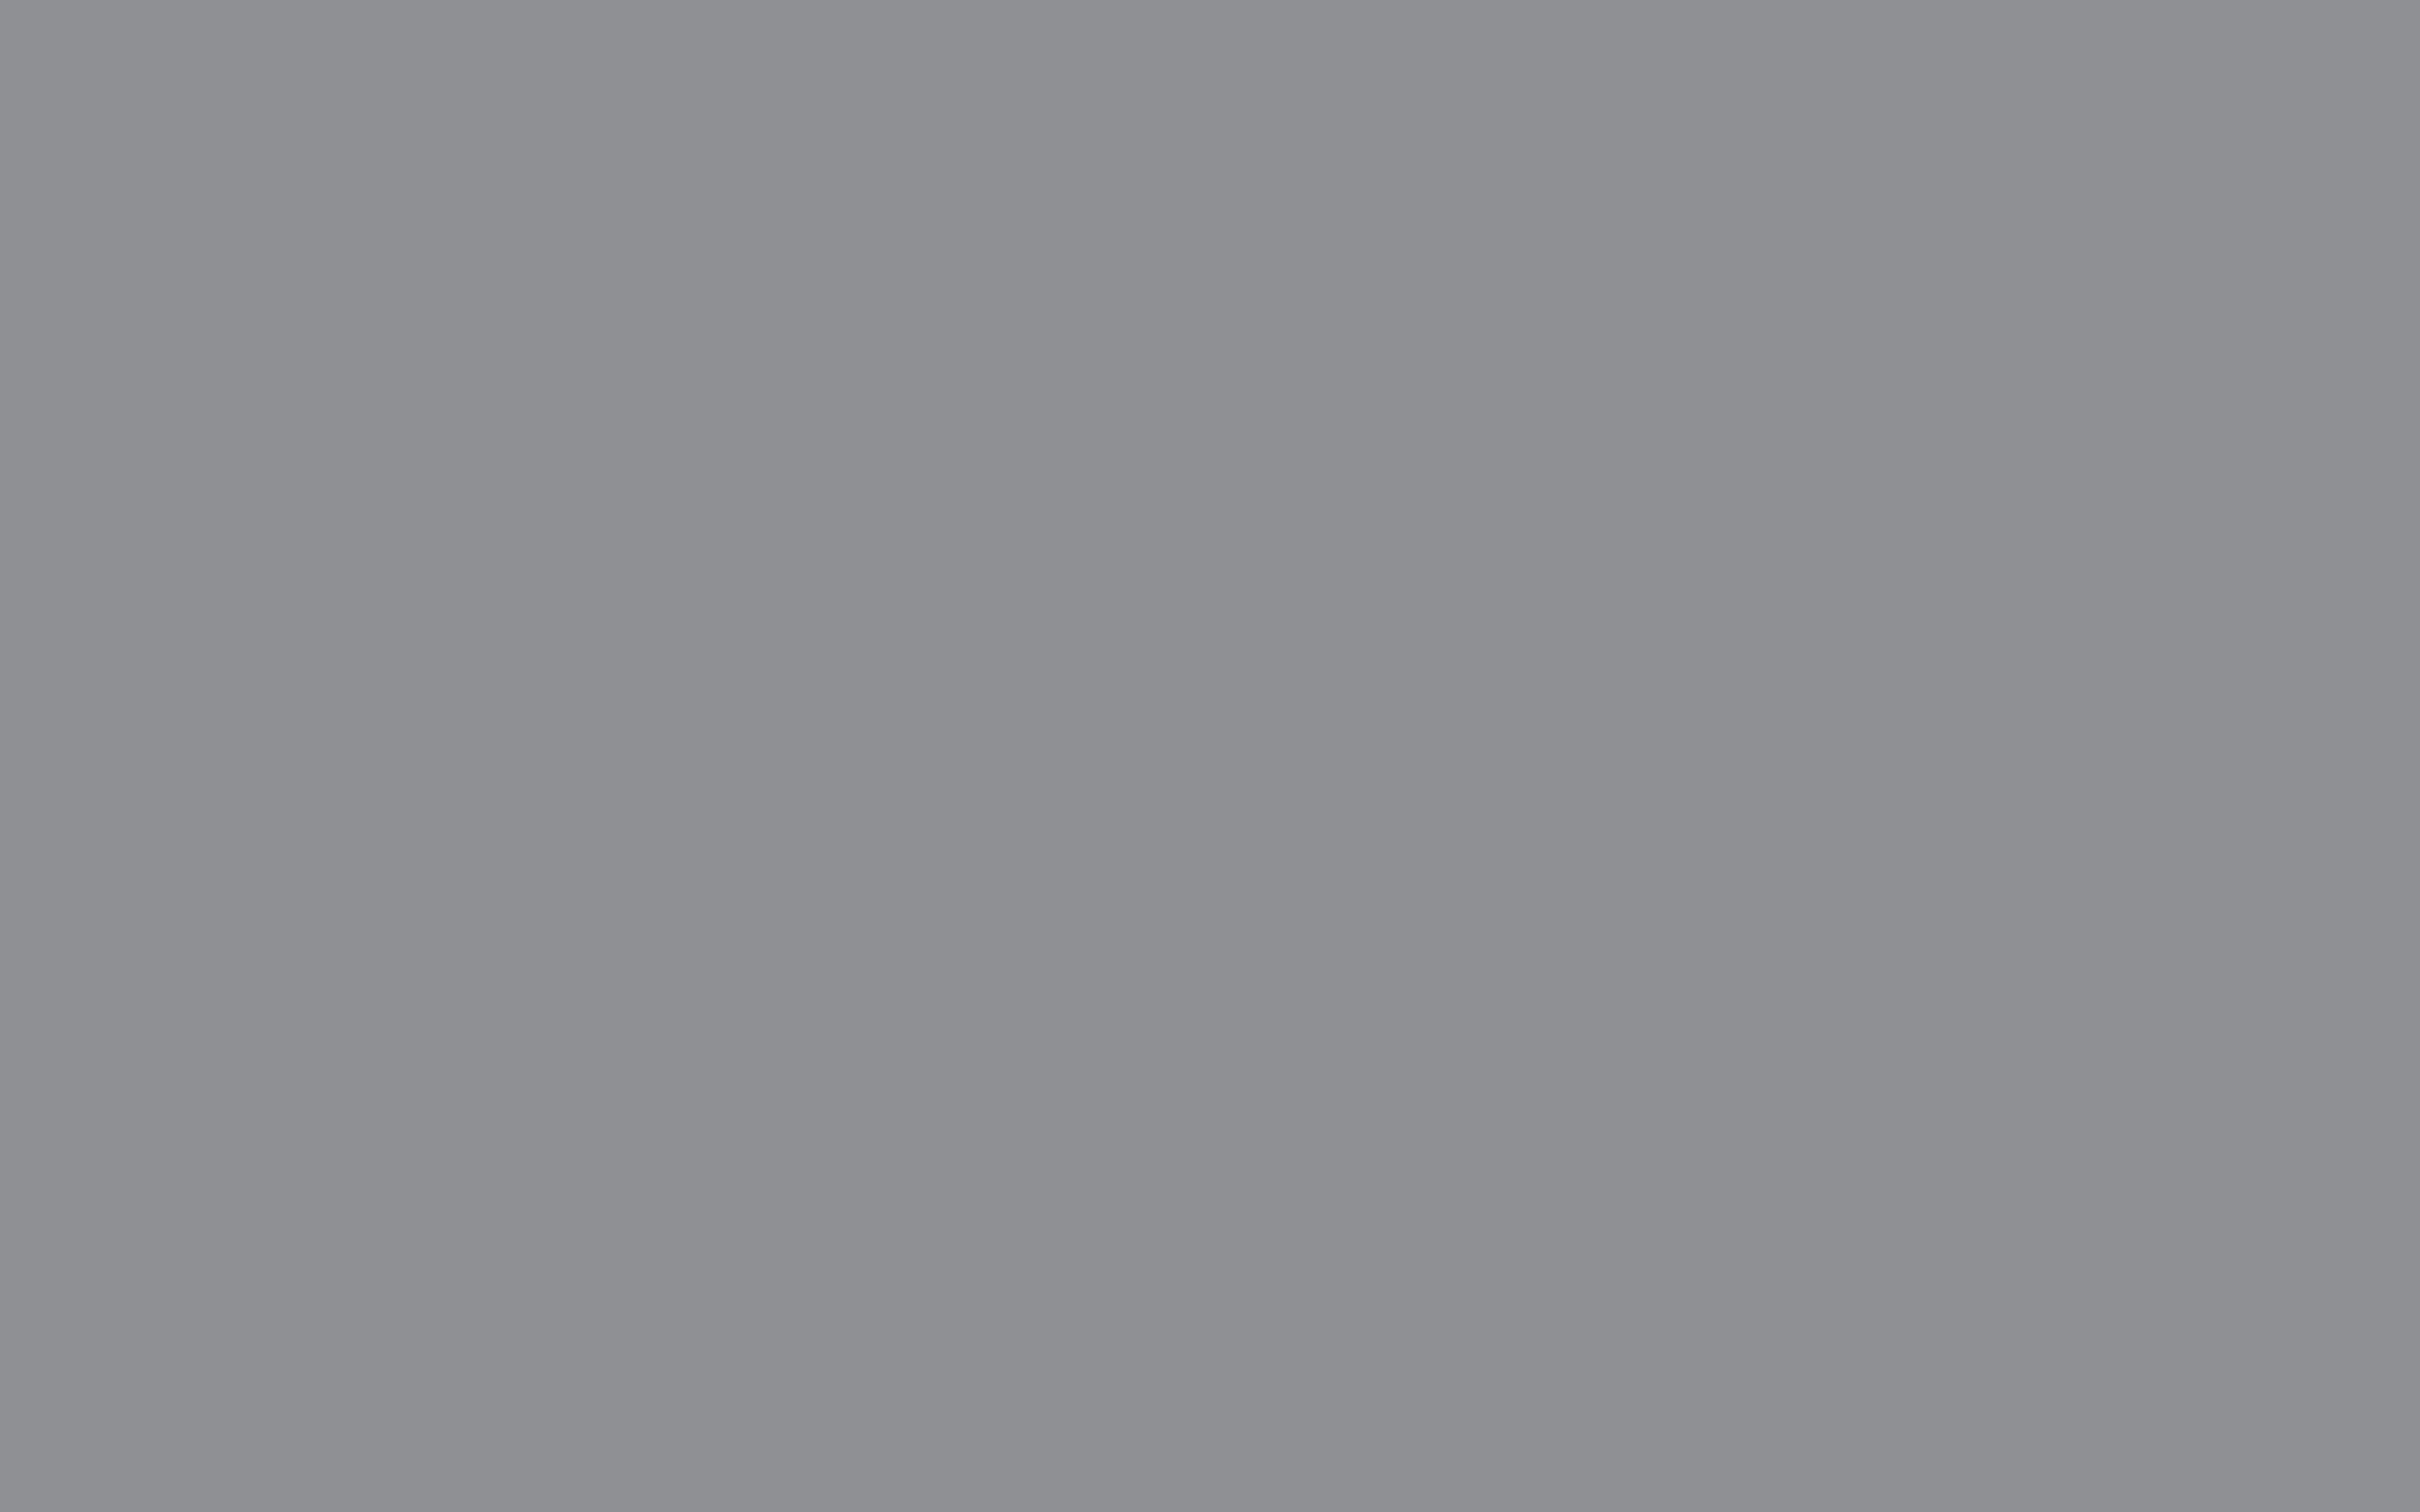 Gray Wallpaper Free Grey Bedroom 7 Original Solid Grey Gery .